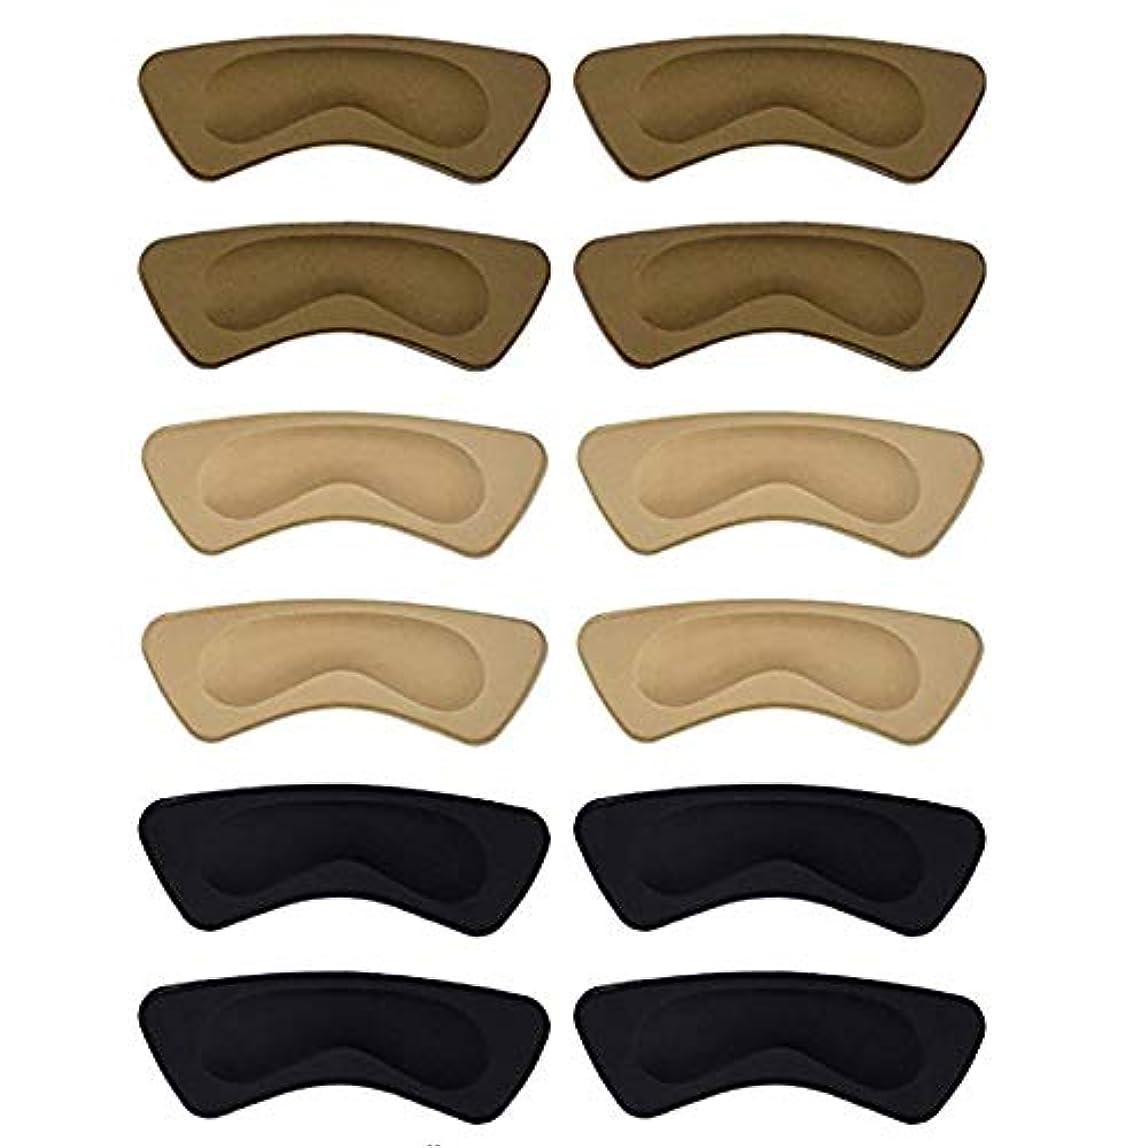 メンタル間接的扇動ヒールパッド ヒール かかと 靴擦れ サイズ調整 靴ずれ かかと 脱げ 防止 くつずれ防止パッド